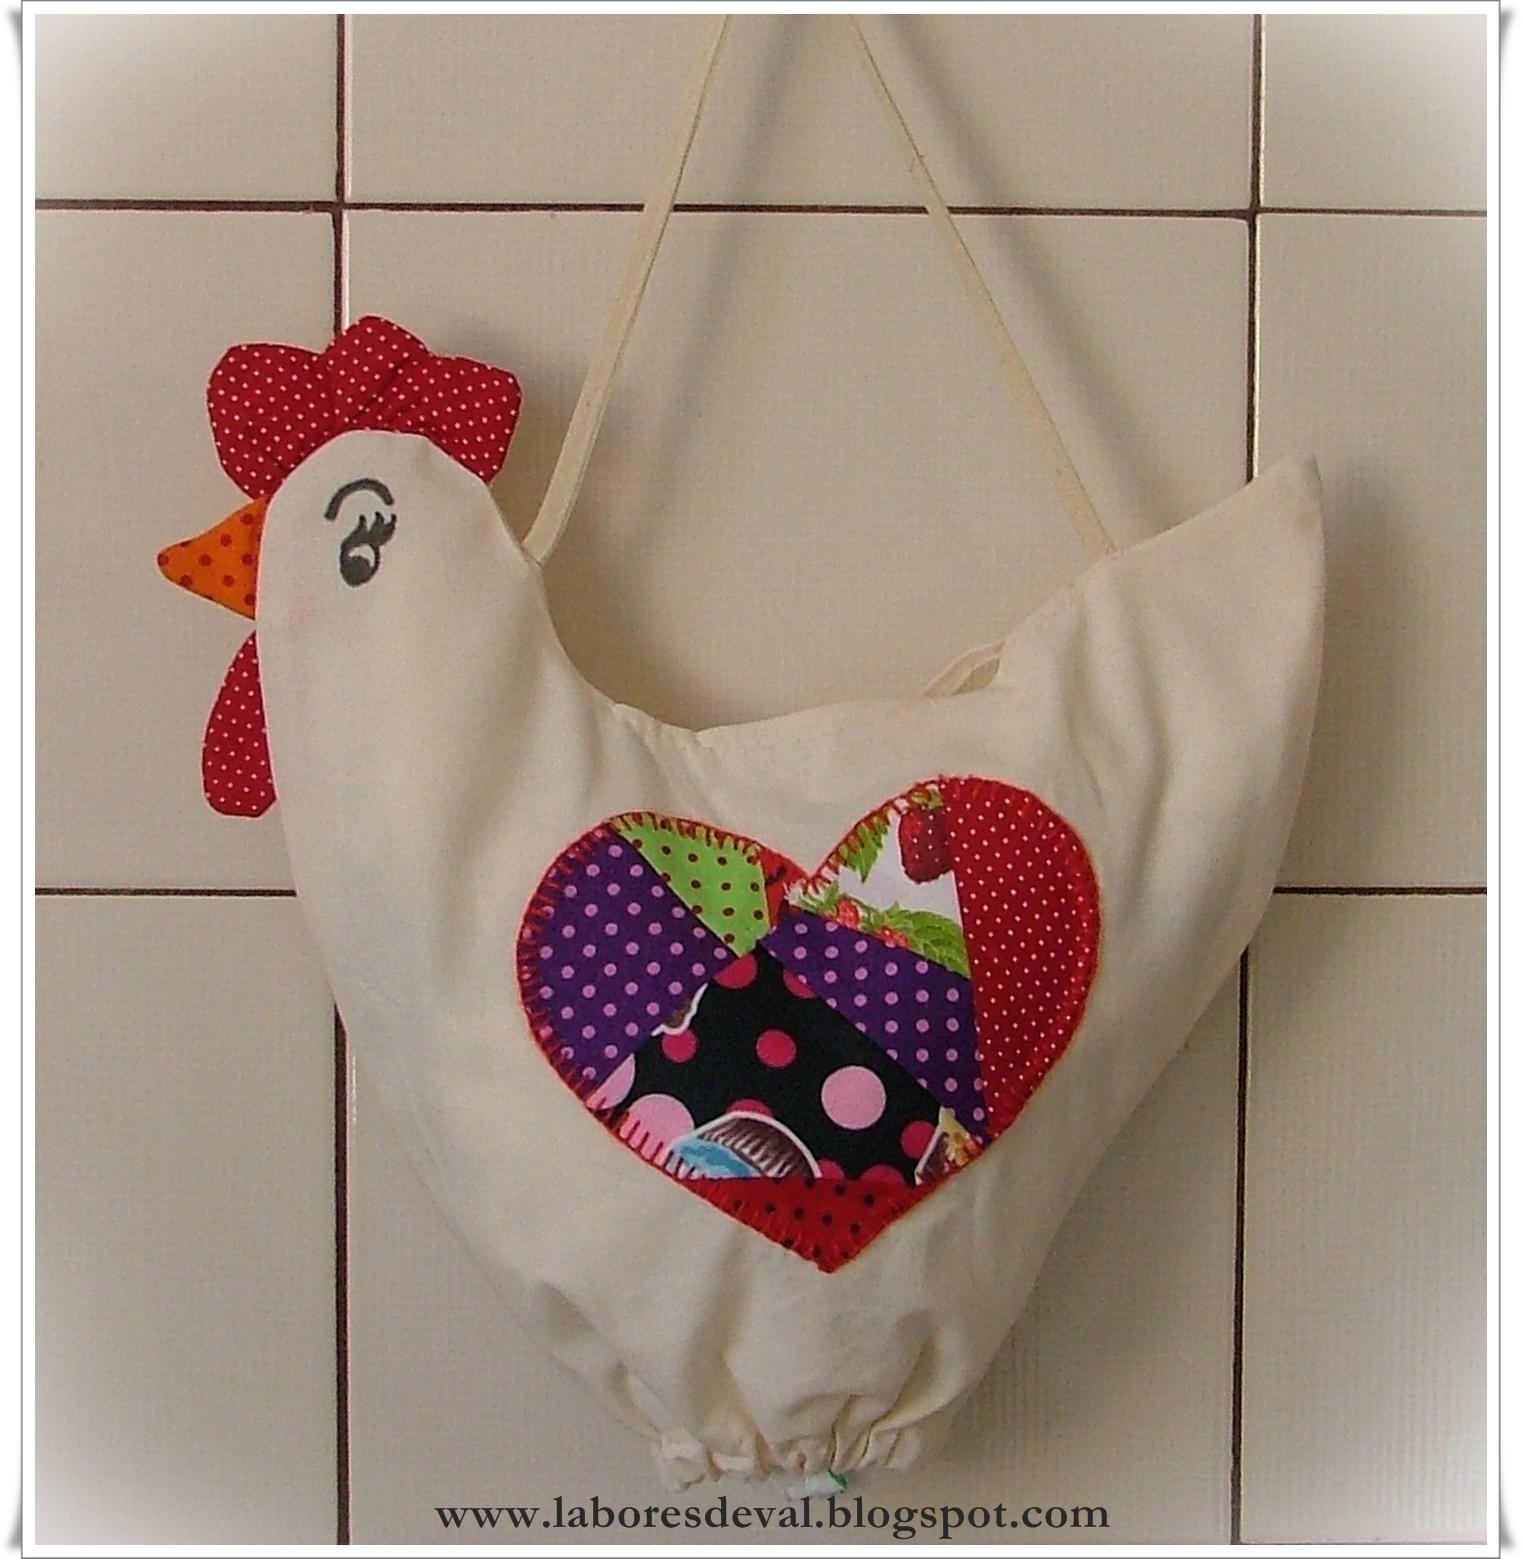 ainda insistindo no puxa saco em forma de galinha este segundo modelo  #A63B25 1522 1559